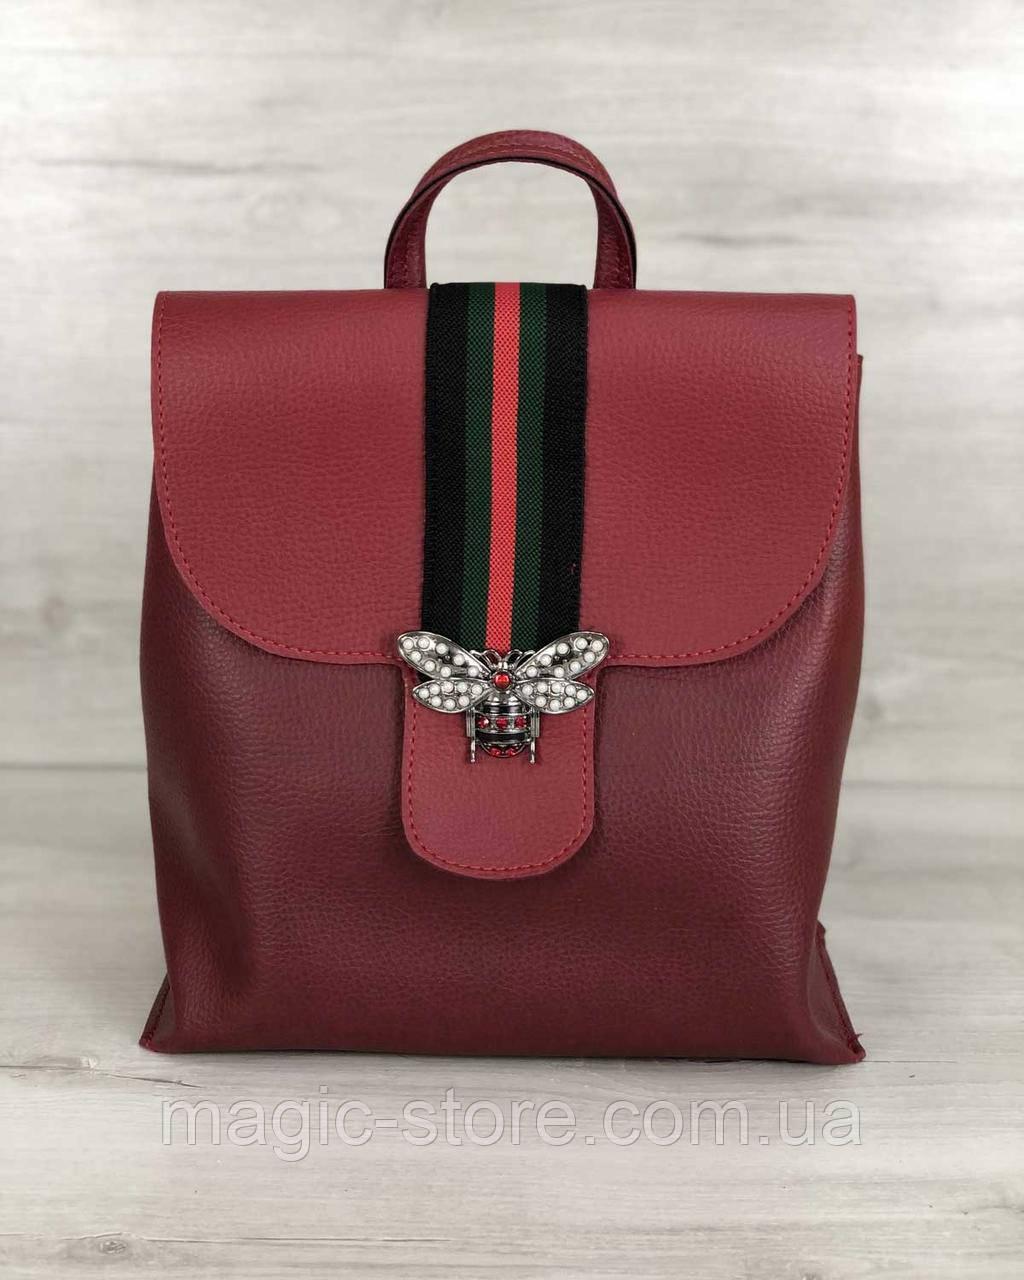 Стильний Рюкзак жіночий міський червоного кольору (нікель)